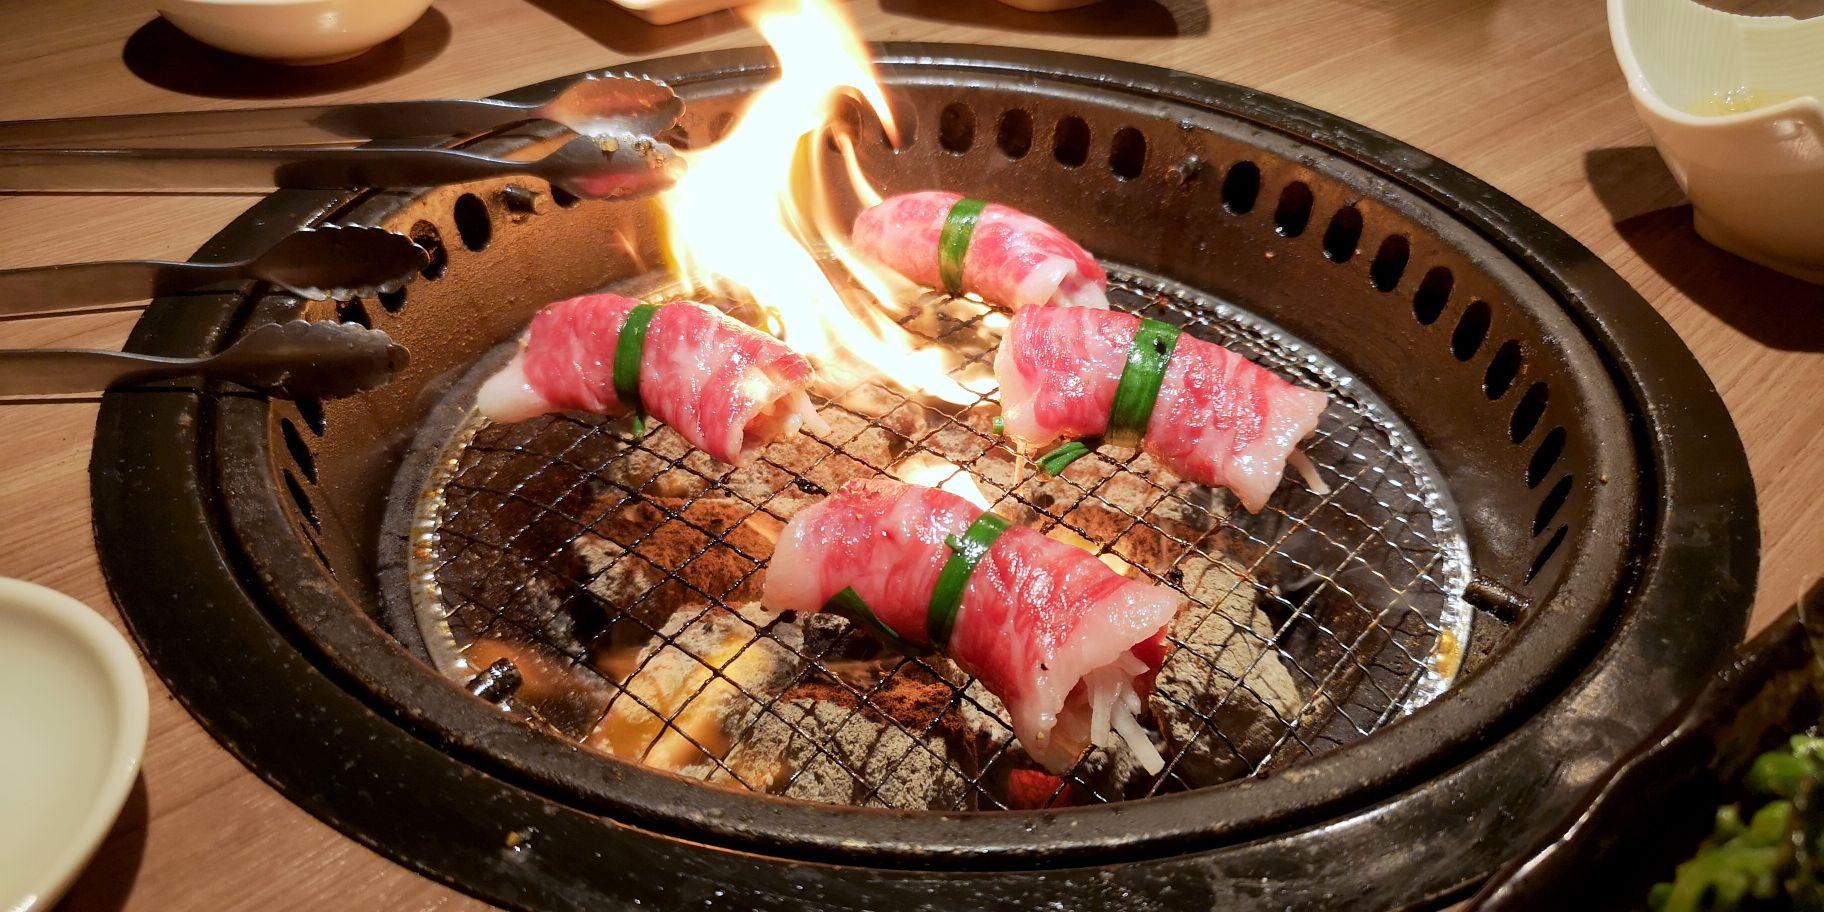 台風直前なので肉と日本酒を摂取してきた